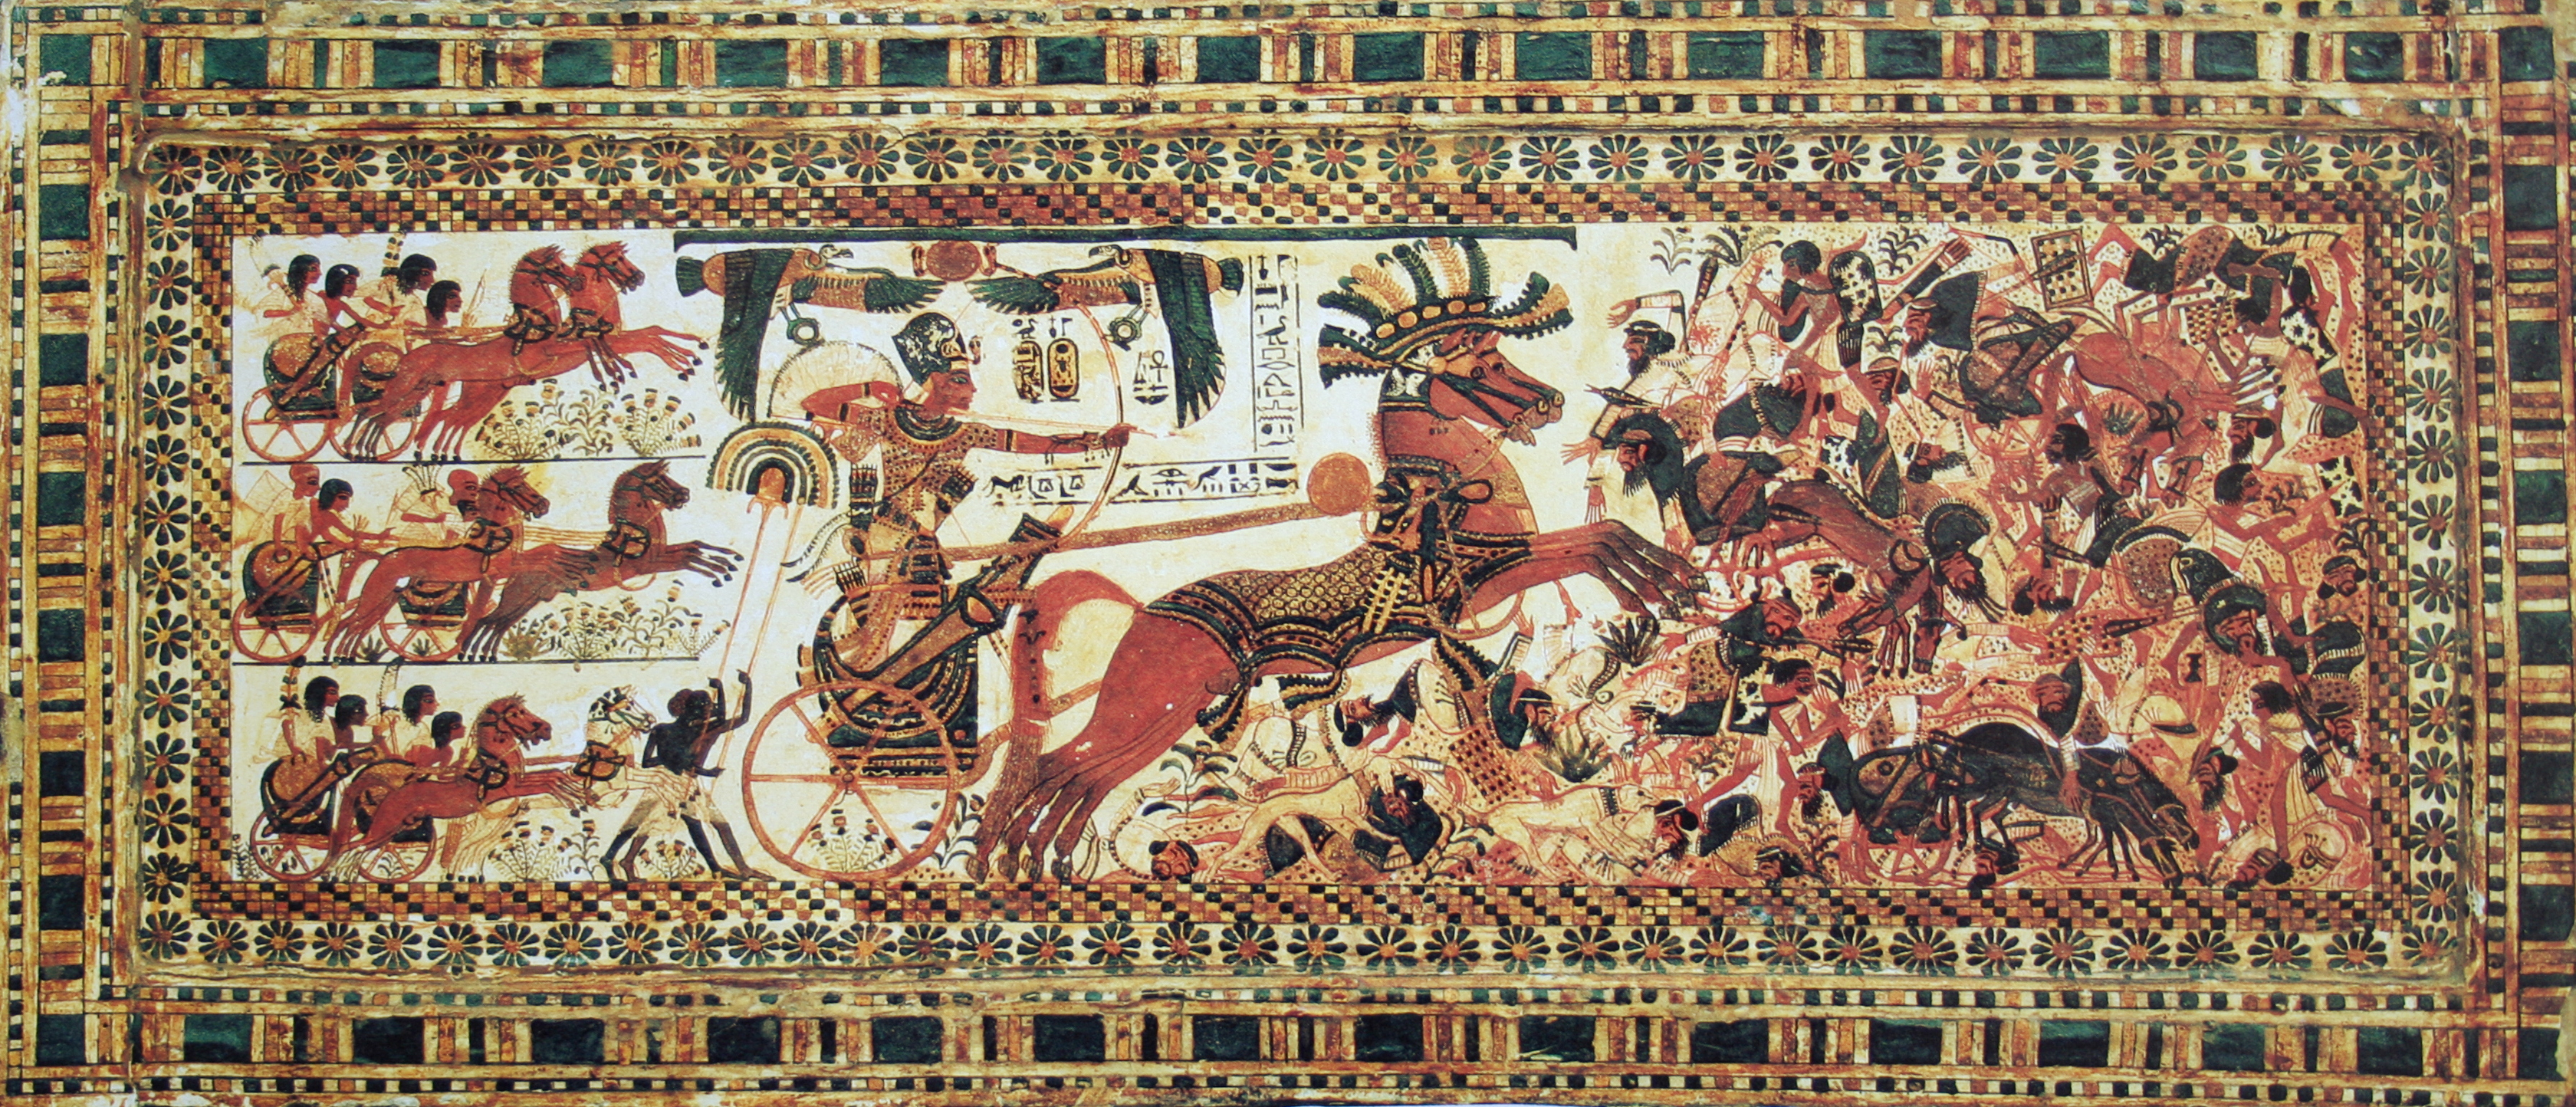 The Pharaoh Tutankhamun destroying his enemies